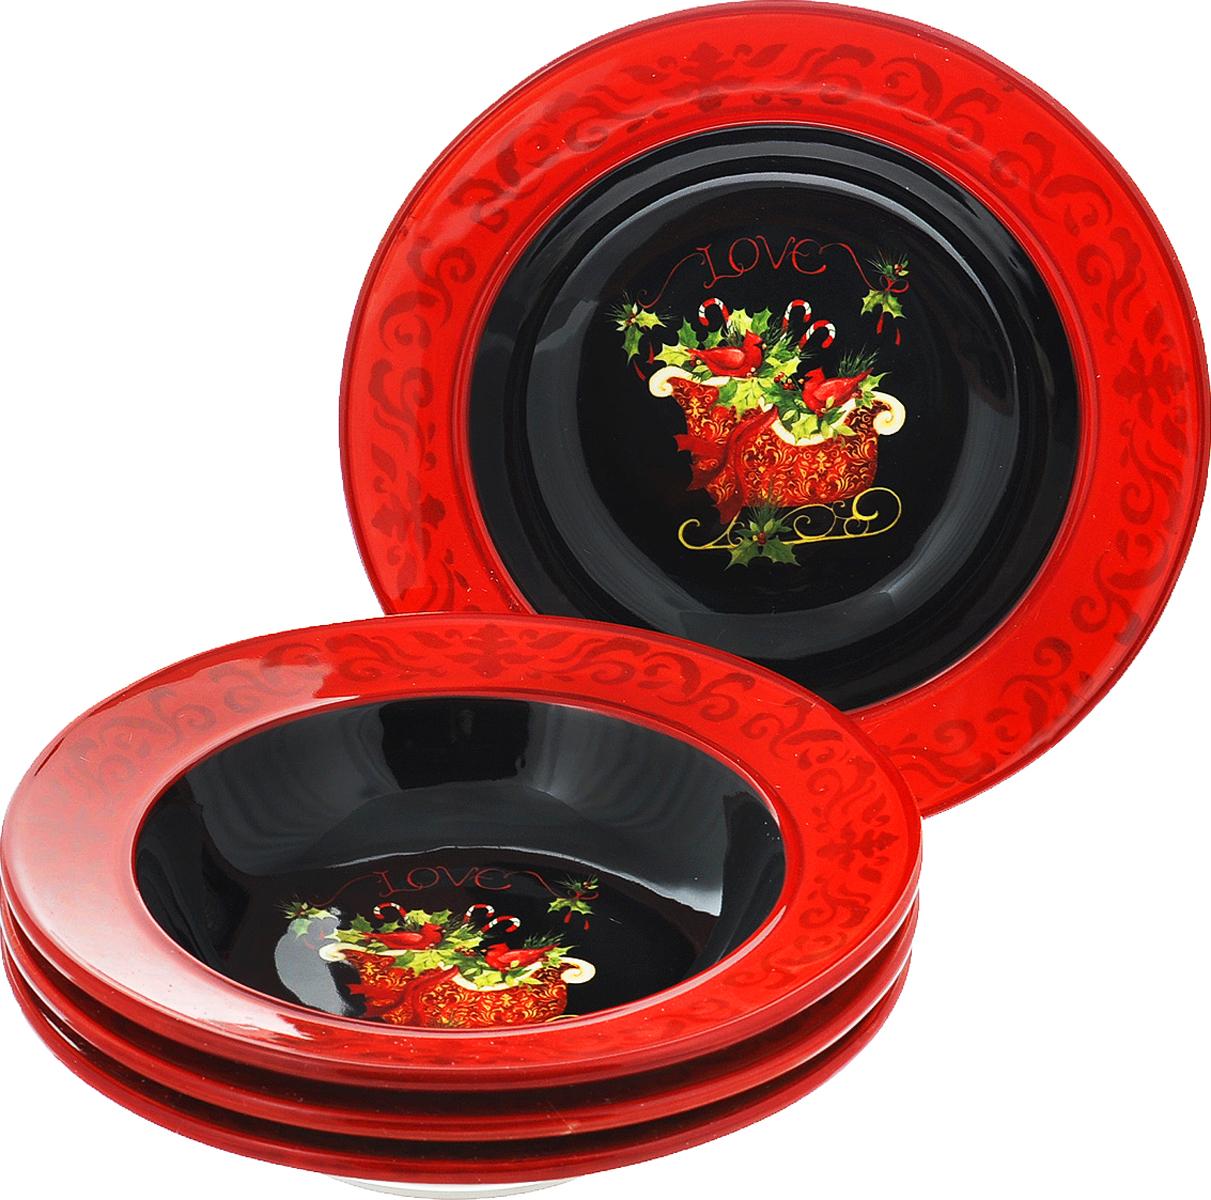 """Набор Certified International """"Винтаж новогодний"""" состоит из 4 суповых тарелок, изготовленных из высококачественной керамики, которая отличается практичностью и высоким качеством исполнения. Посуда расписана вручную и покрыта глазурью, выполнена из экологически чистых материалов, что обеспечивает сохранение отменного вкуса блюд. Эта керамическая посуда химически инертна, не вступает в реакцию с пищей, не выделяет вредных веществ при перегреве. Такой набор прекрасно оформит праздничный стол и станет замечательным сувениром к Новому году."""